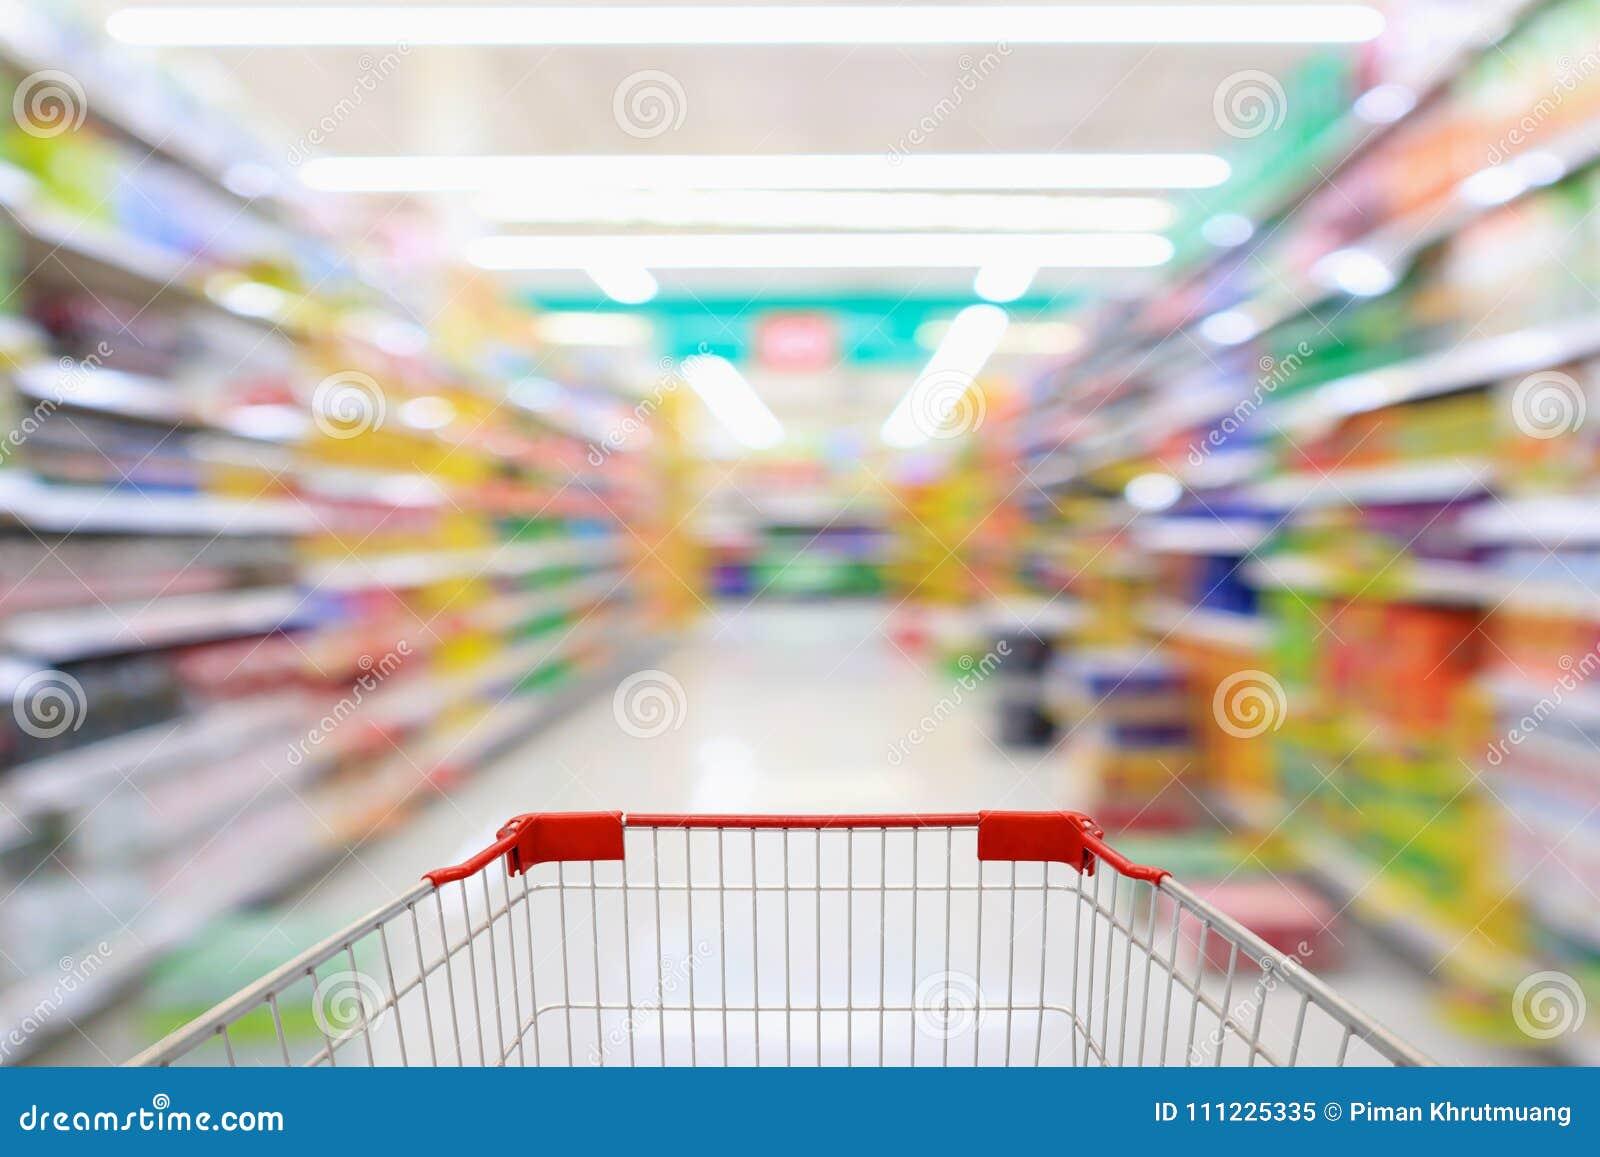 Carrinho de compras com fundo do borrão do corredor do supermercado